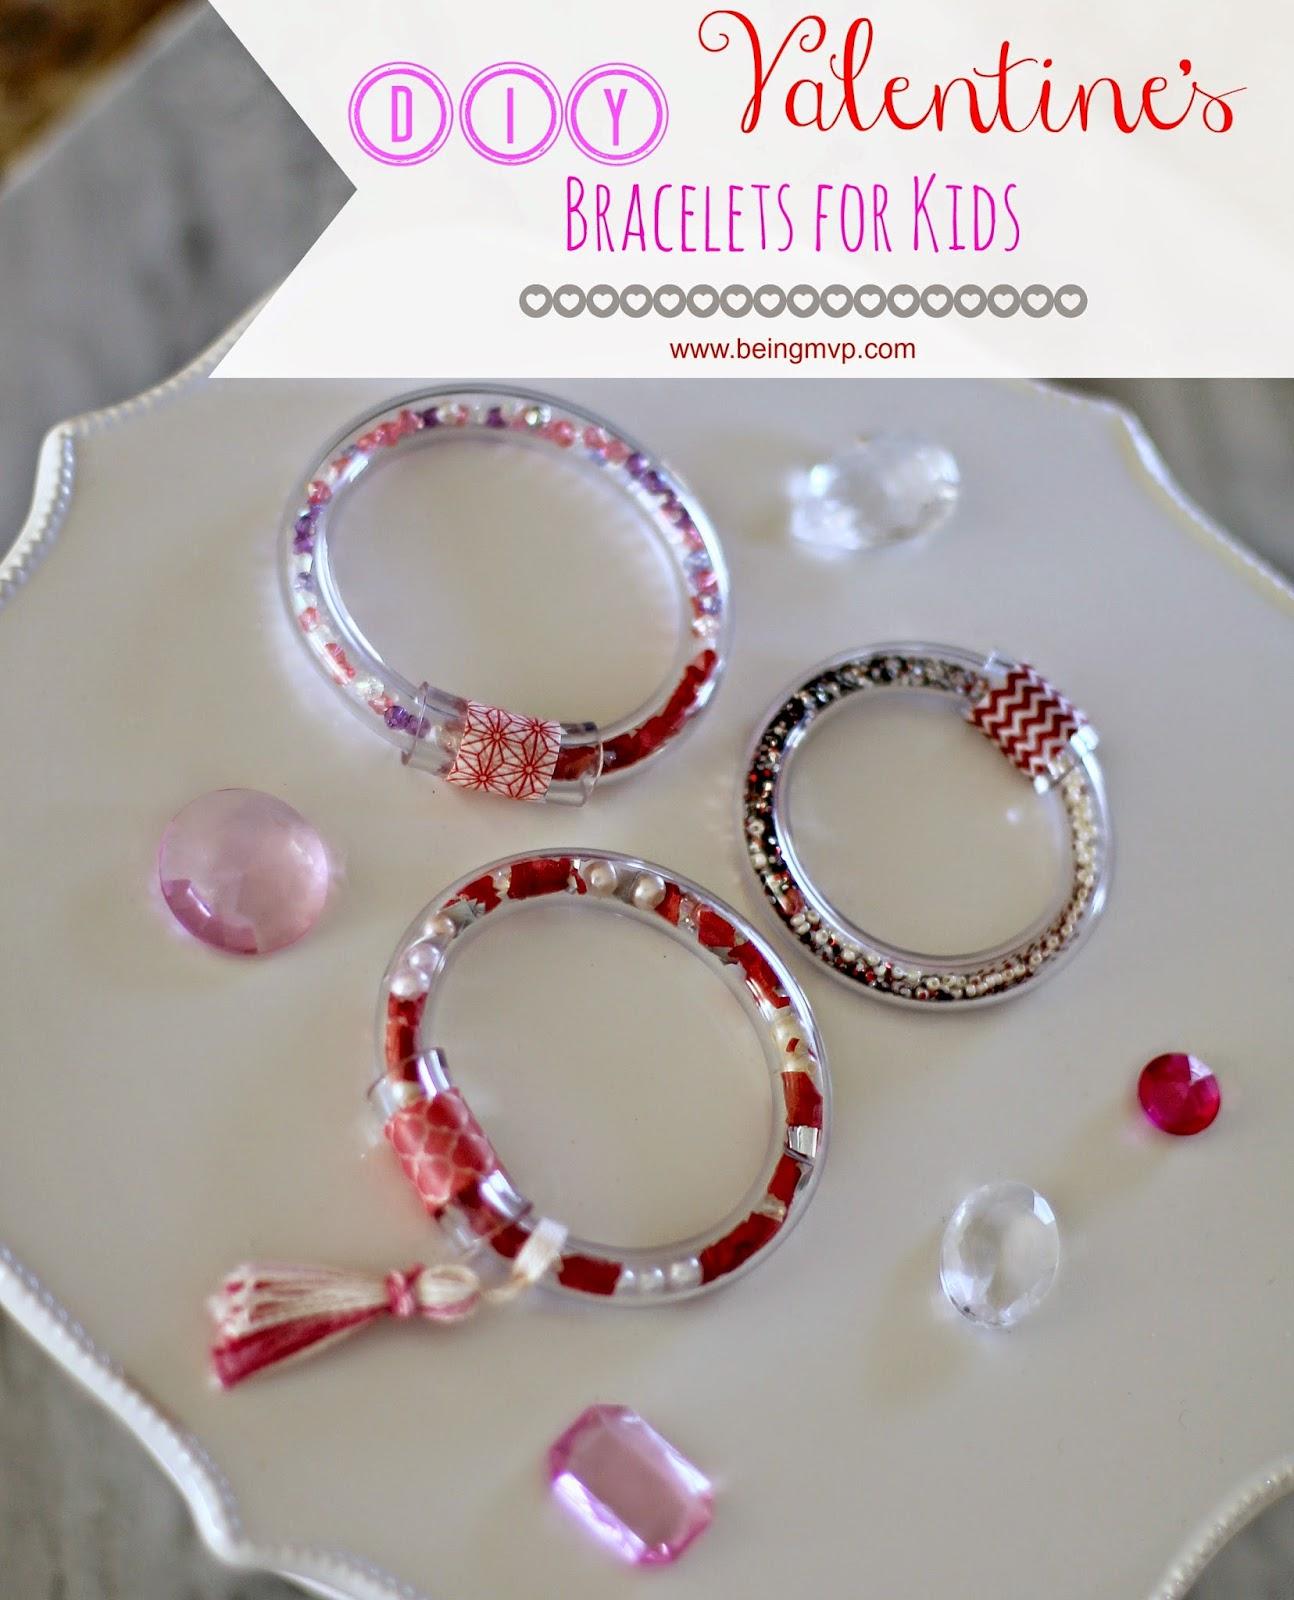 Außergewöhnlich DIY Valentineu0027s Bracelets For Kids #FunCraftsWithMom